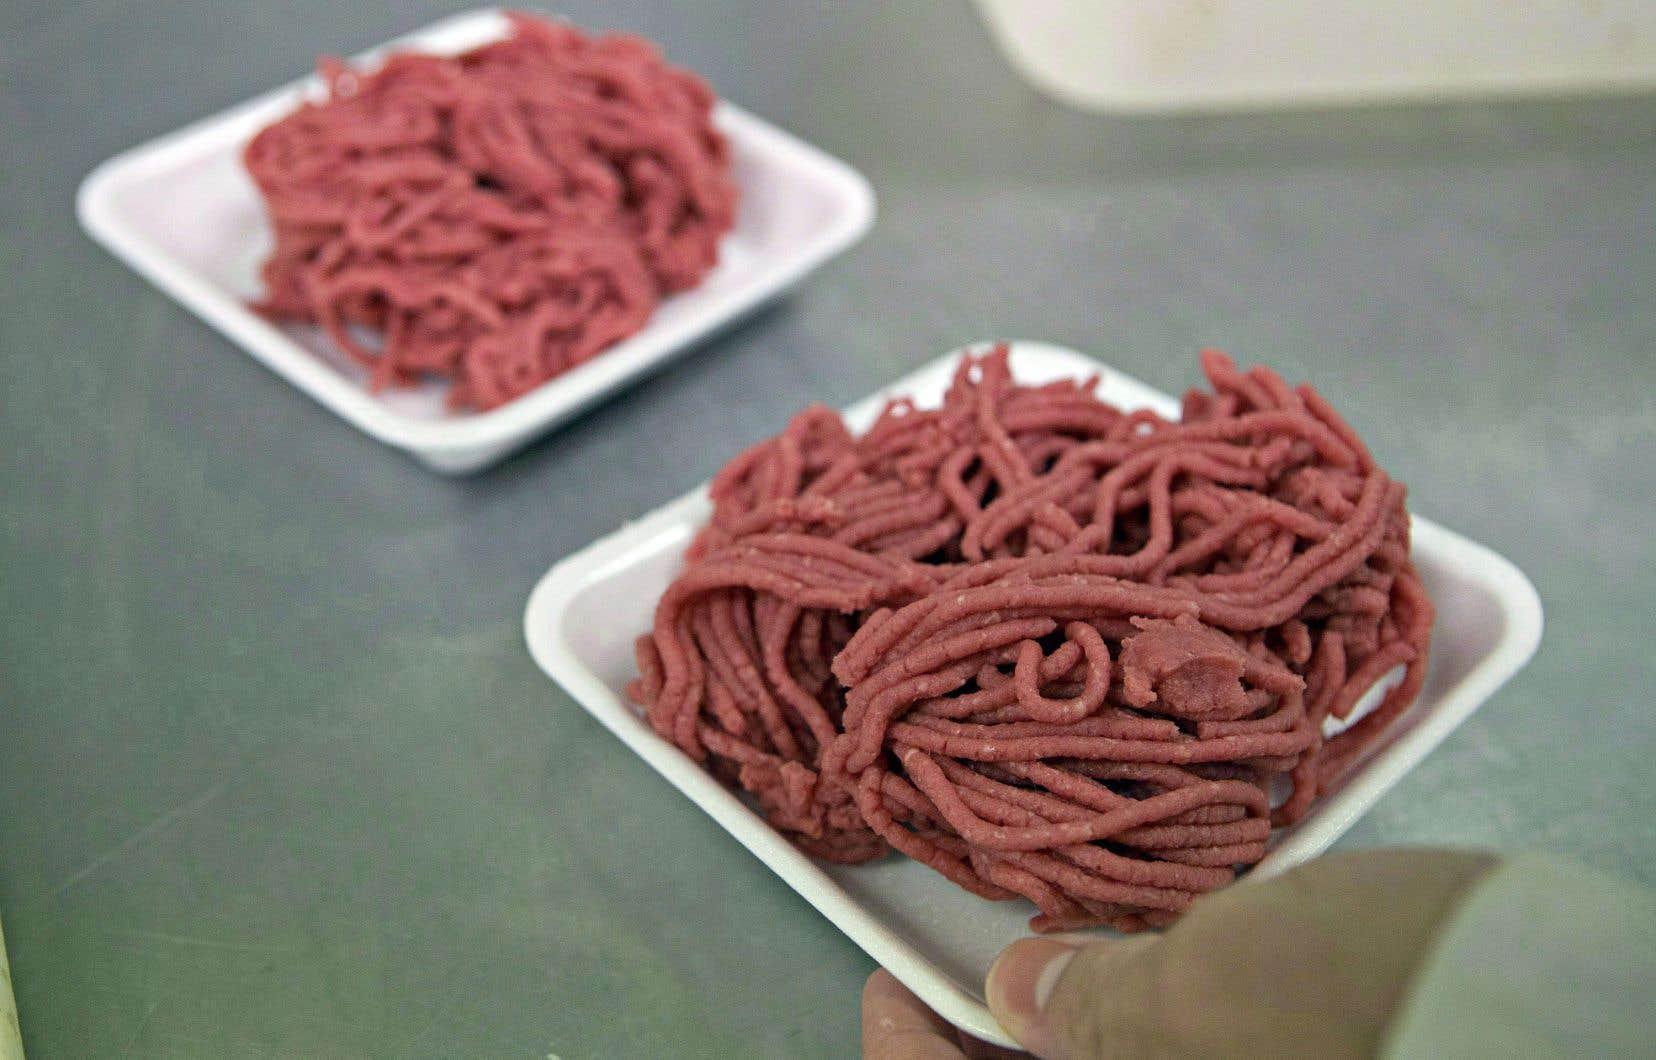 Les consommateurs feront-ils confiance à du bœuf haché jugé propre à la consommation après un mois? Psychologiquement, la longévité n'est pas toujours synonyme de fraîcheur pour le commun des mortels.